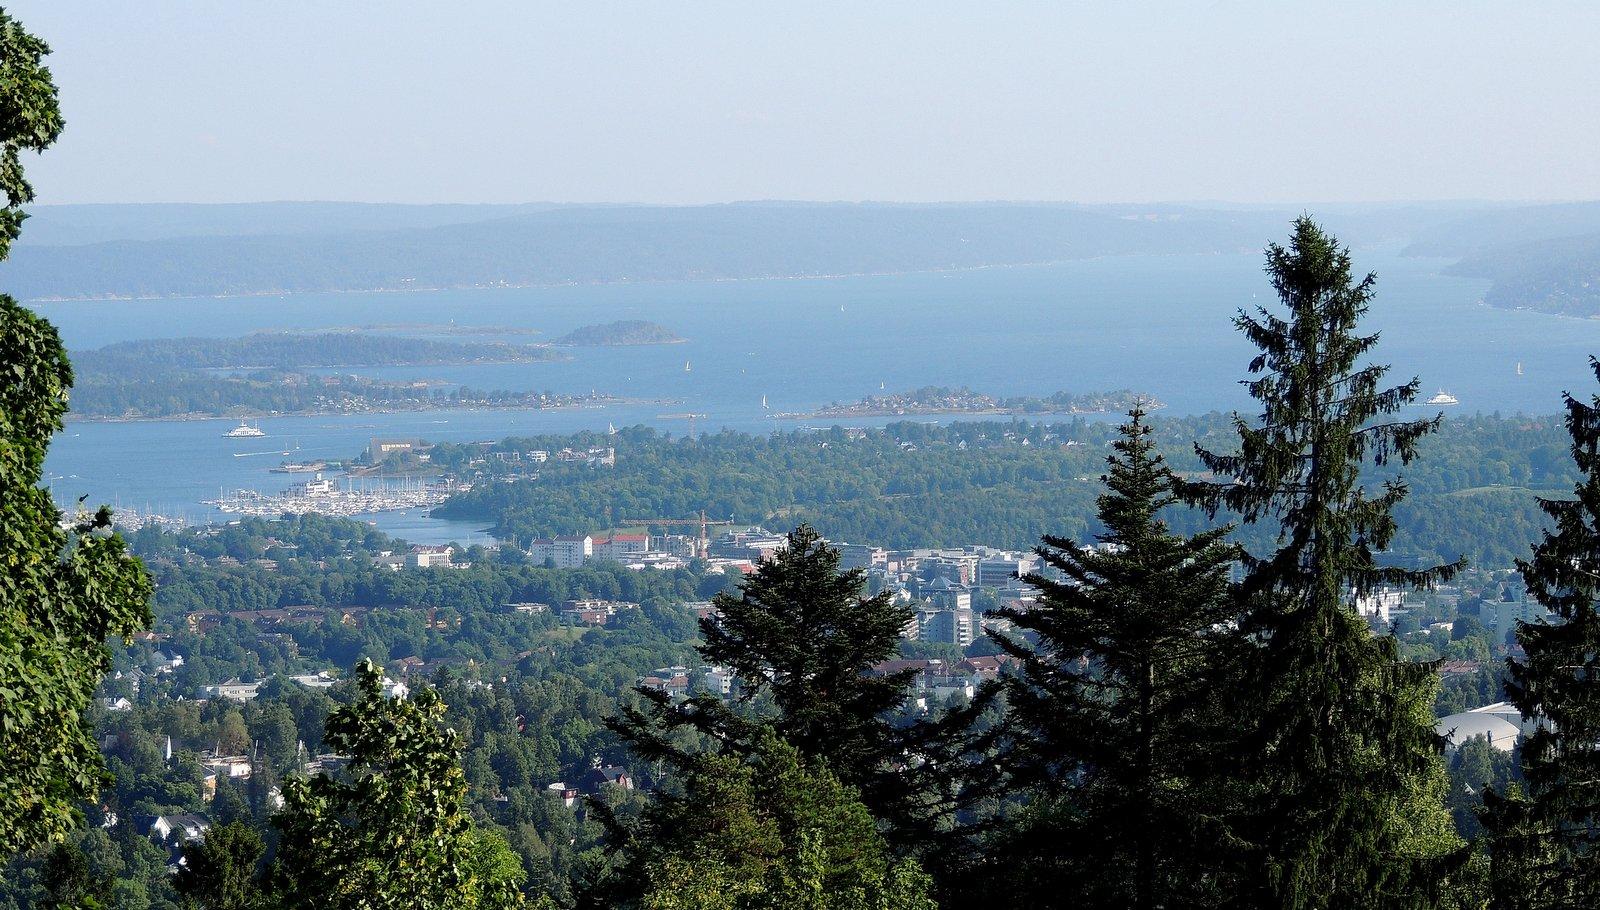 Blick vom Holmenkollen auf den Oslofjord